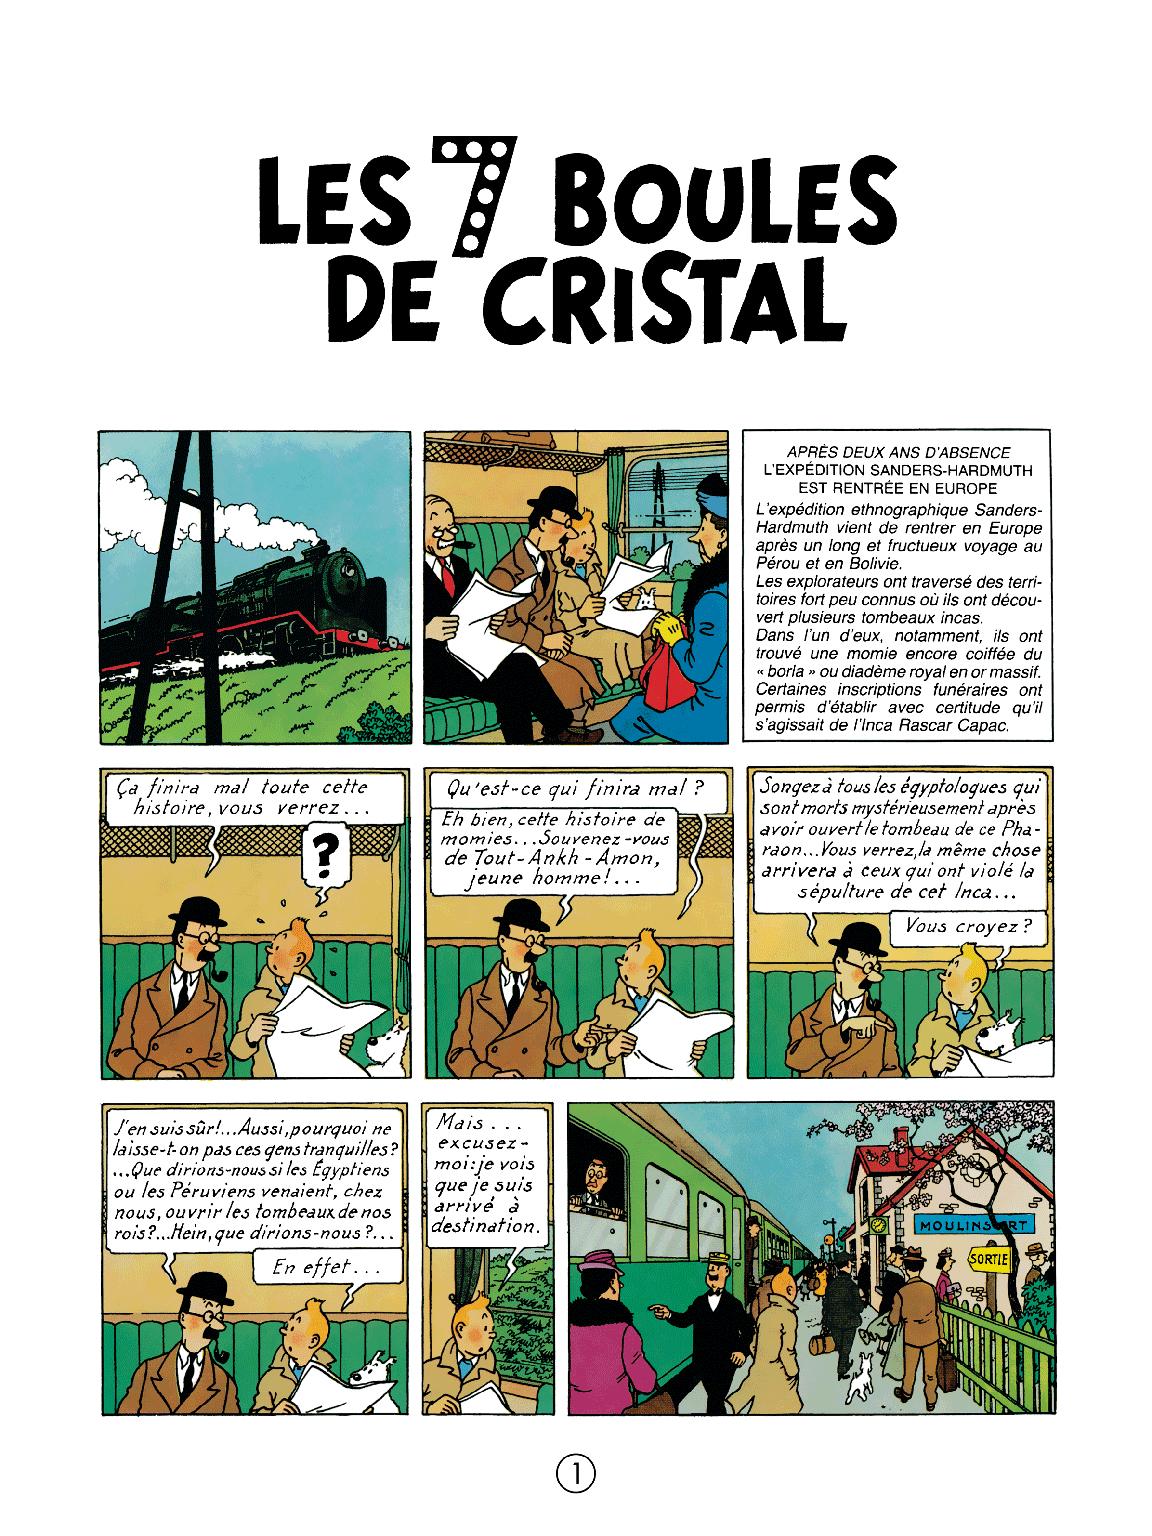 Les 7 Boules de cristal - page 1